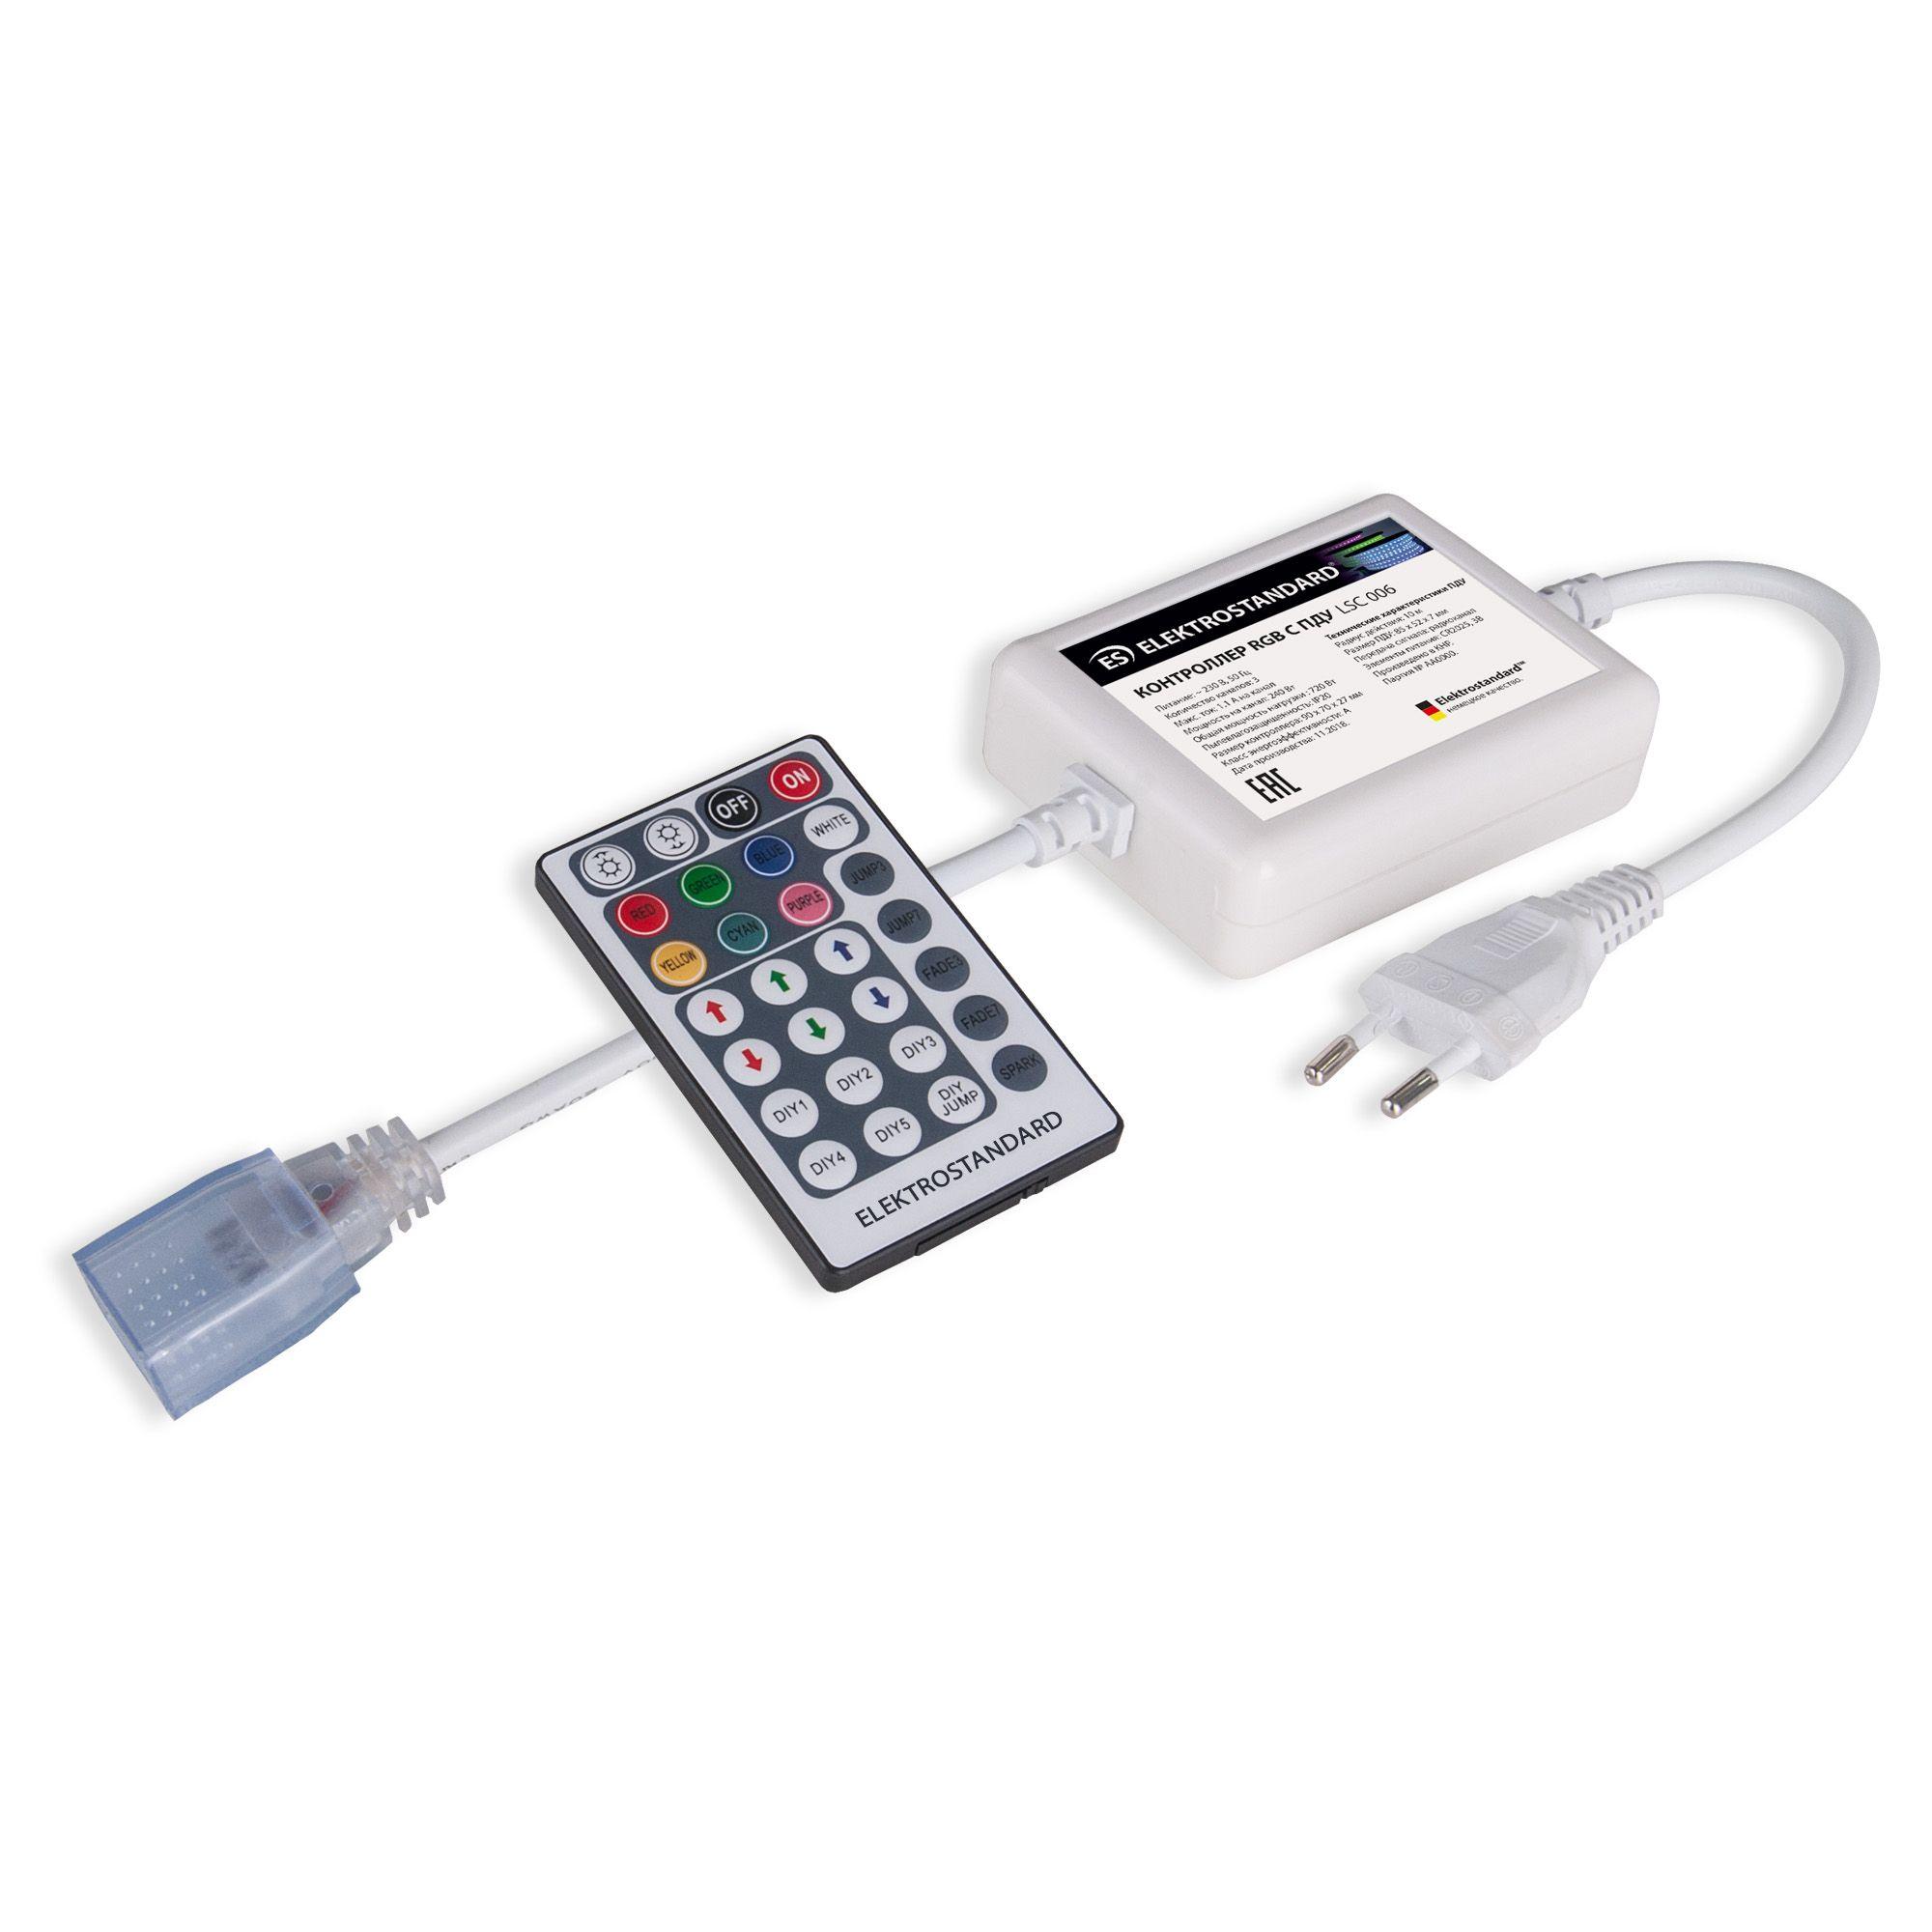 Контроллер для светодиодной ленты RGB Premium с ПДУ 220V (радио) IP20 LSC 006